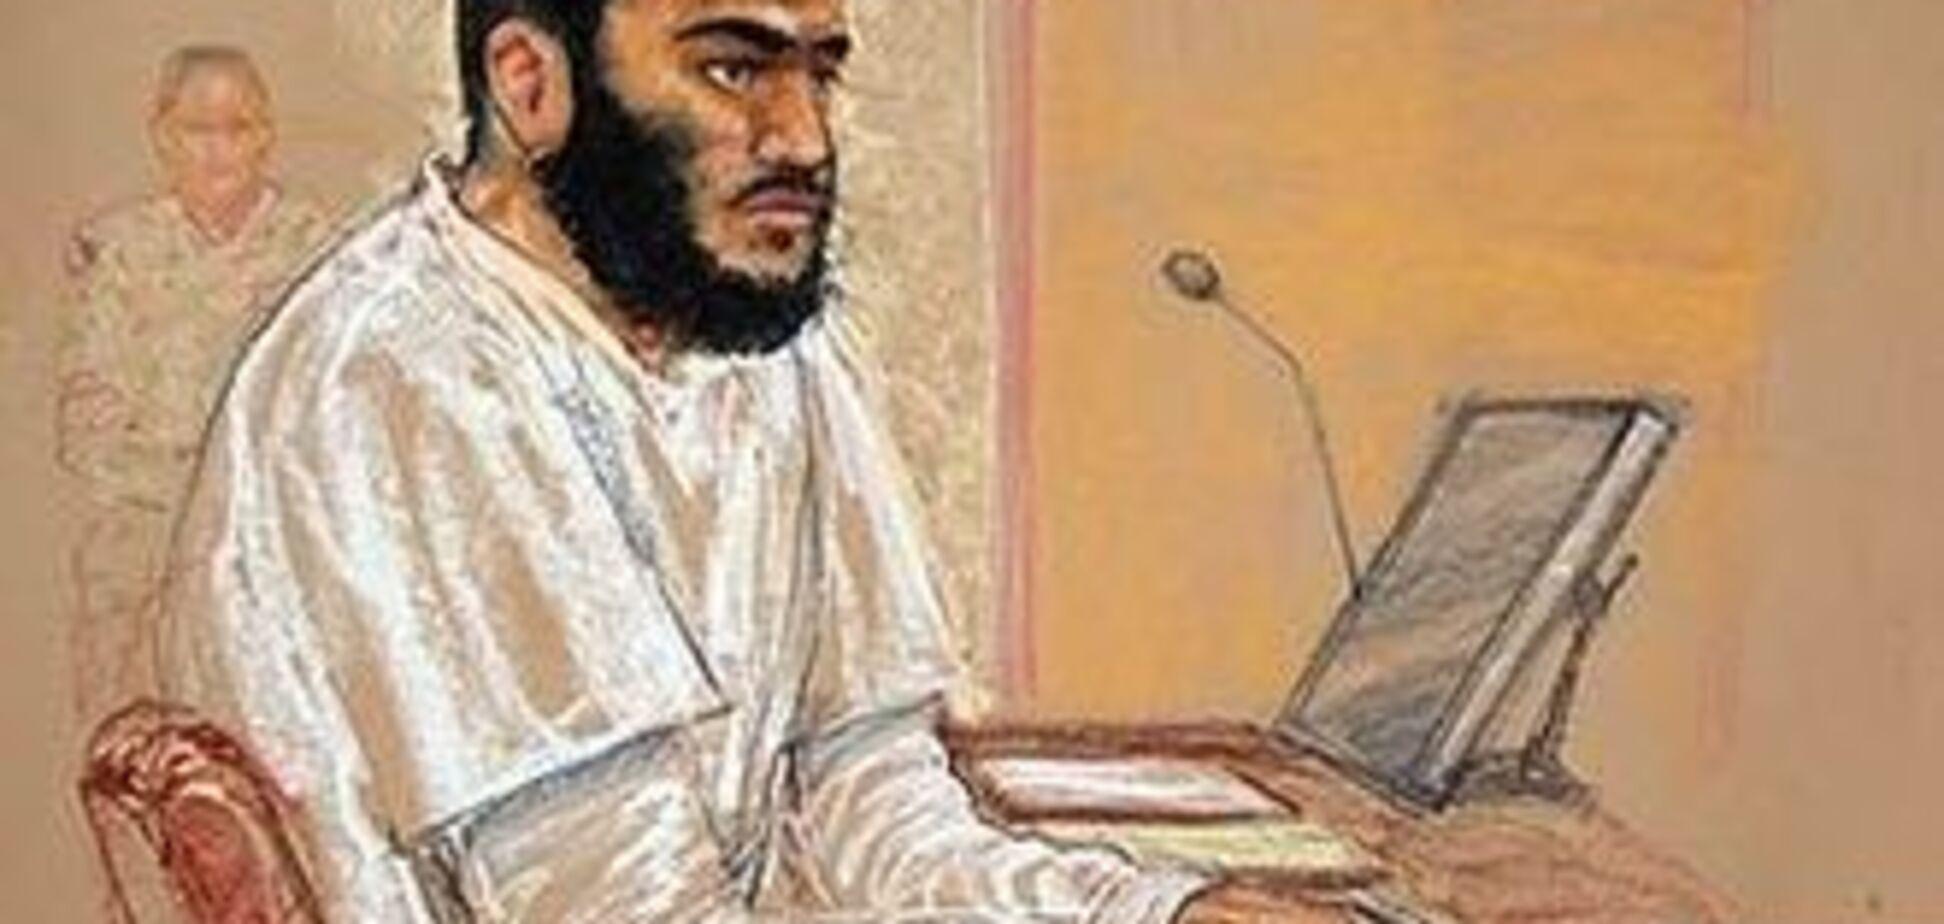 Наймолодший в'язень Гуантанамо постане перед судом